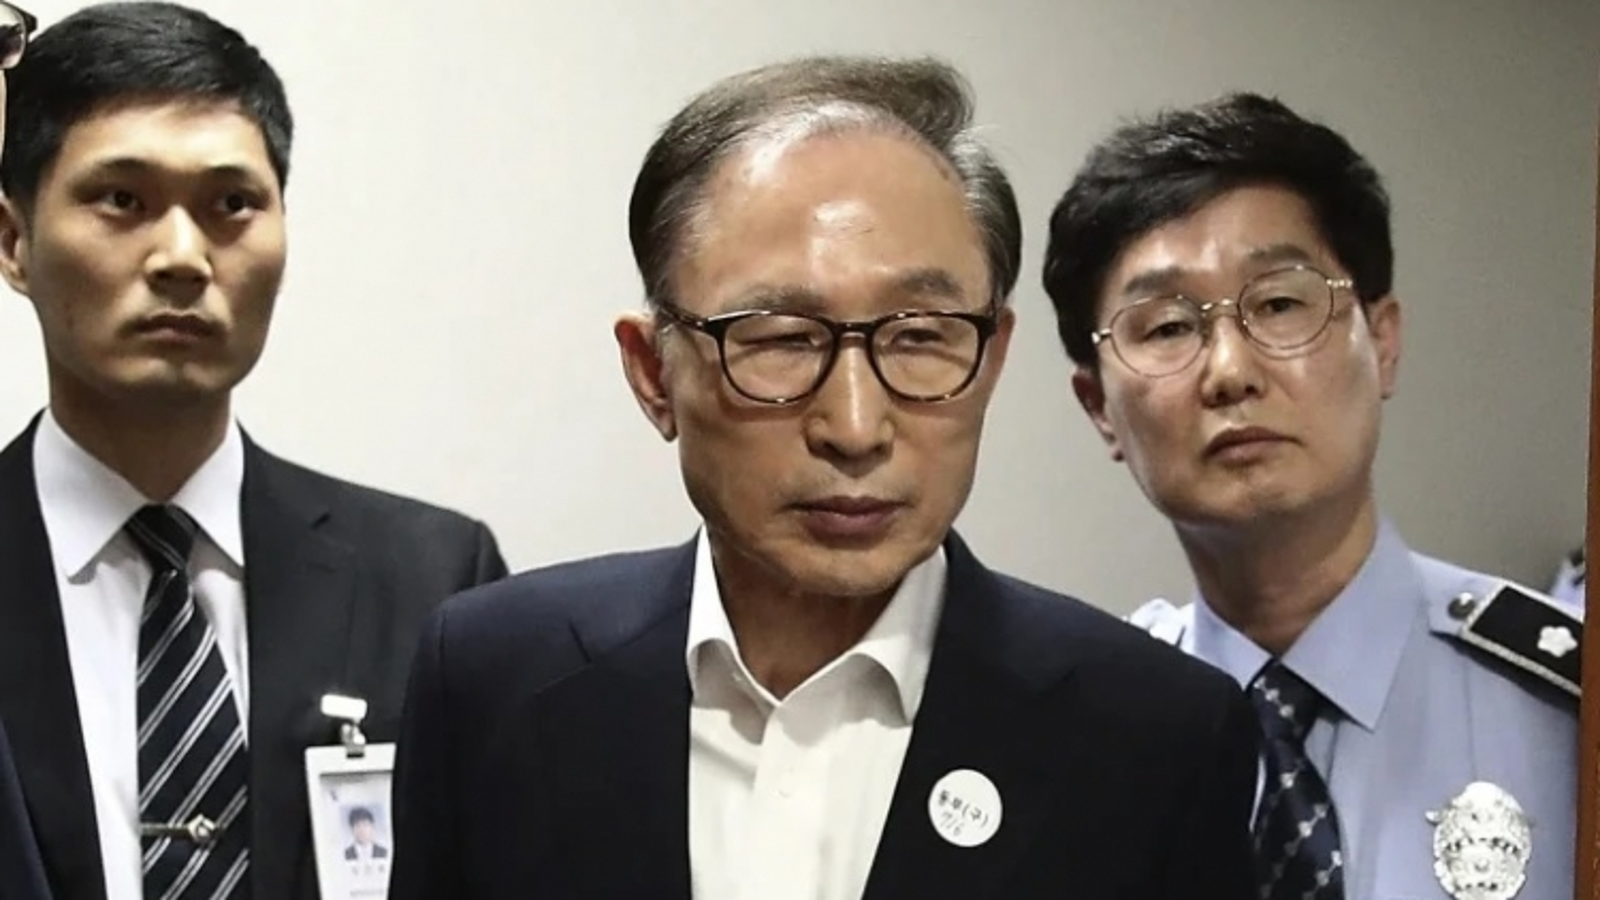 Cựu Tổng thống Hàn Quốc Lee Myung-bak bị y án 17 năm tù giam